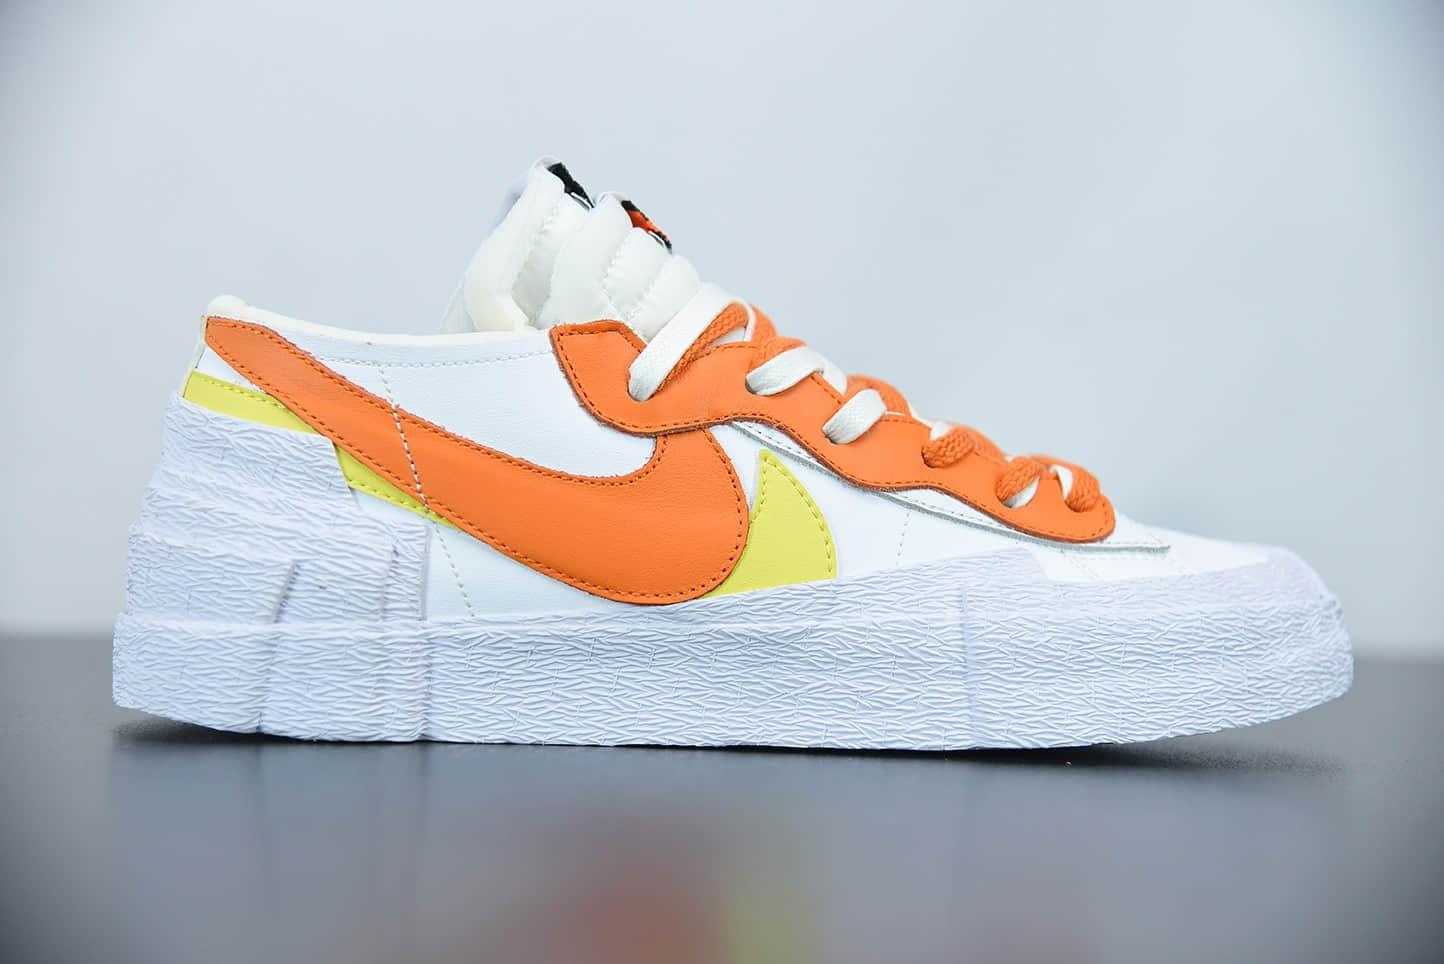 耐克Sacai x Nk Blazer low 白橙解构全新联名开拓者低帮休闲板鞋纯原版本 货号:DD1877-100